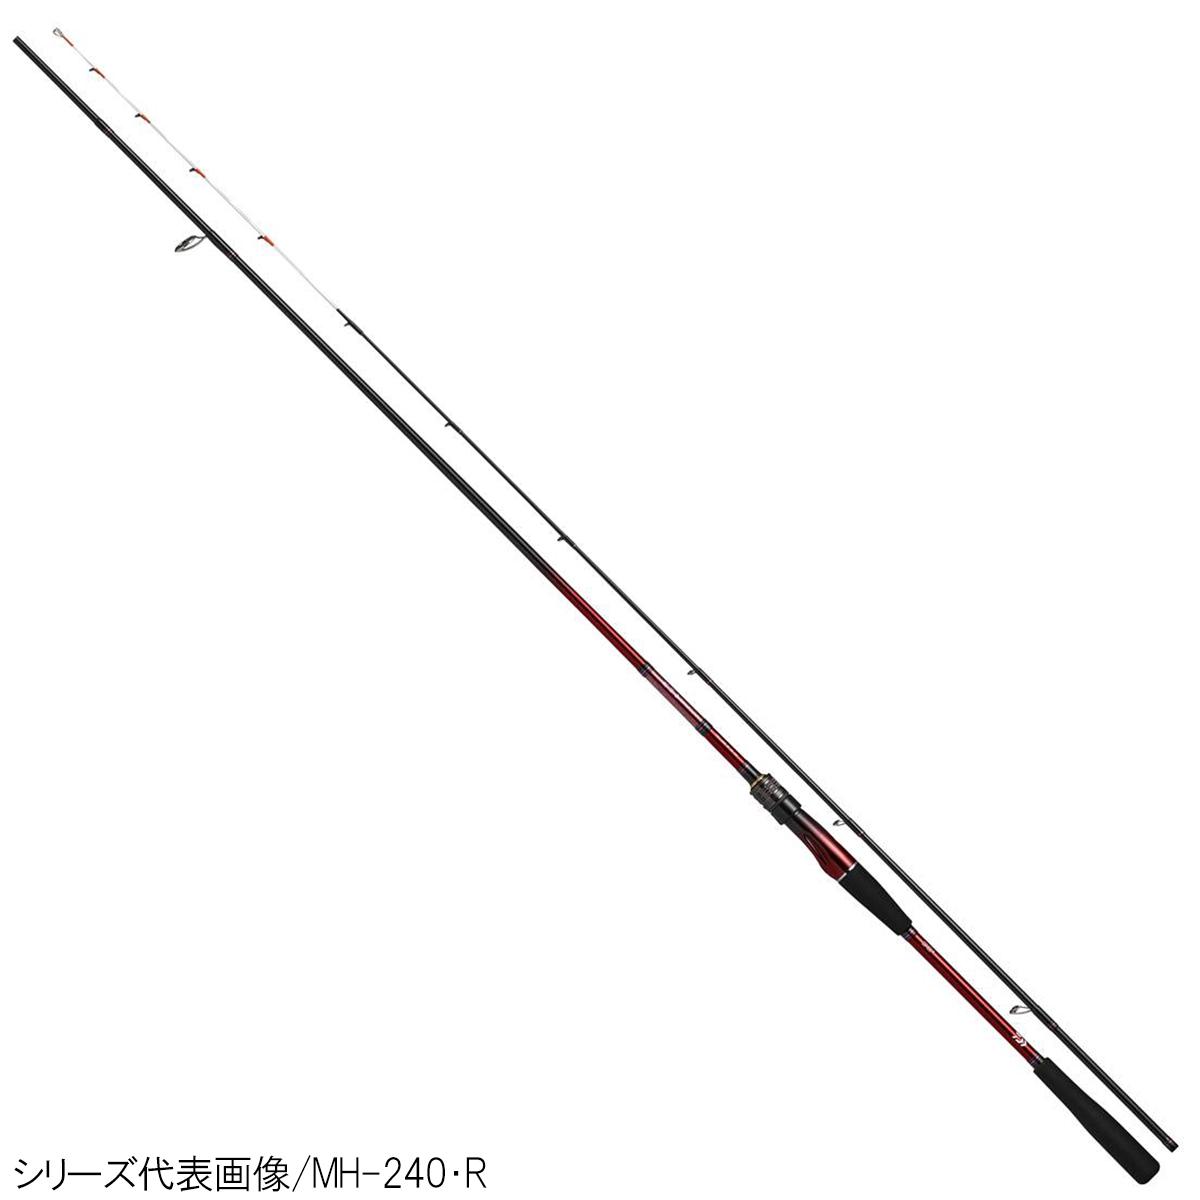 紅牙テンヤゲームMX H-235・R ダイワ【同梱不可】